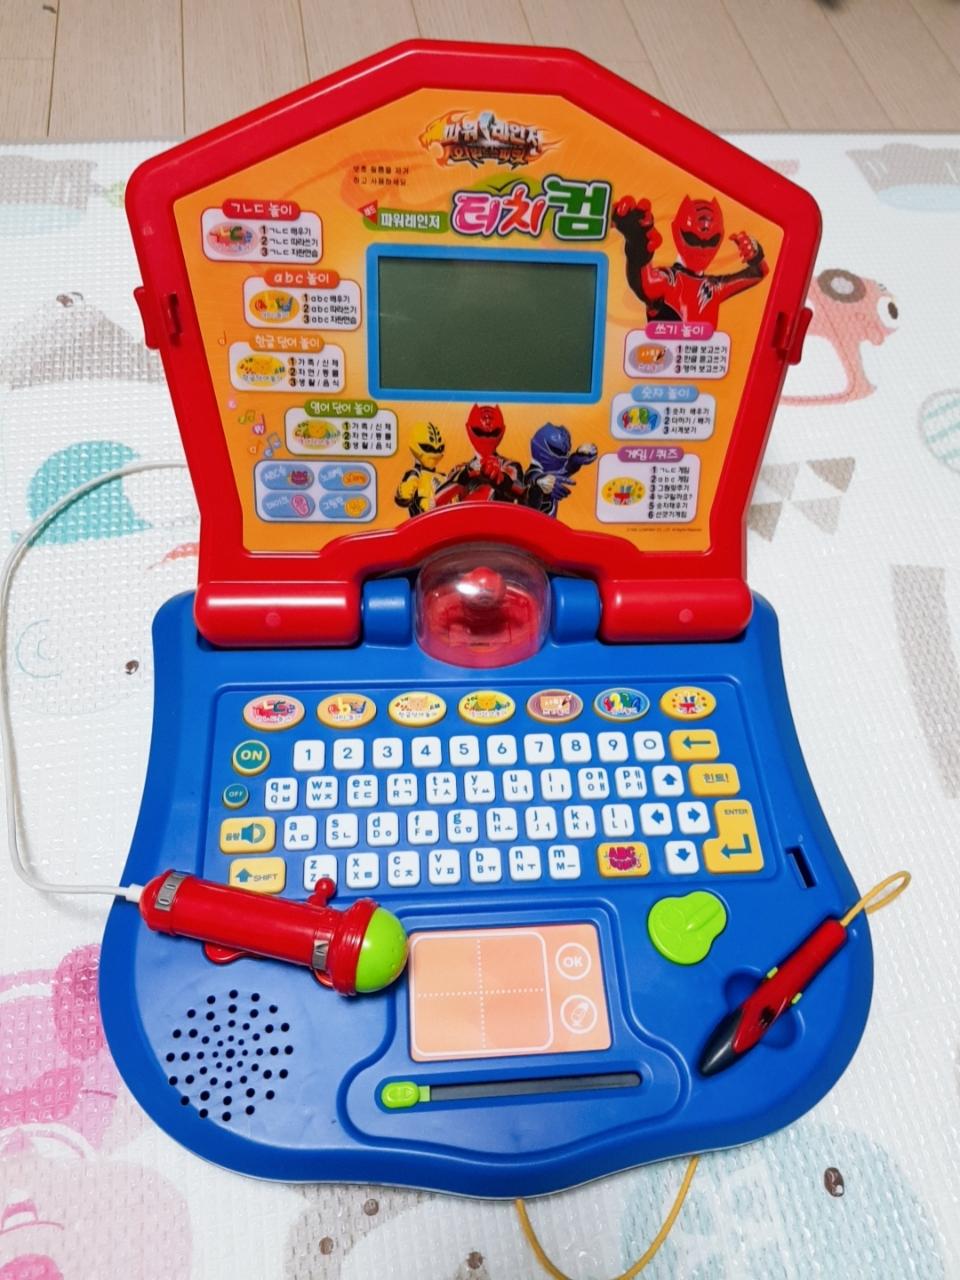 완전가격내림)파워레인저 컴퓨터